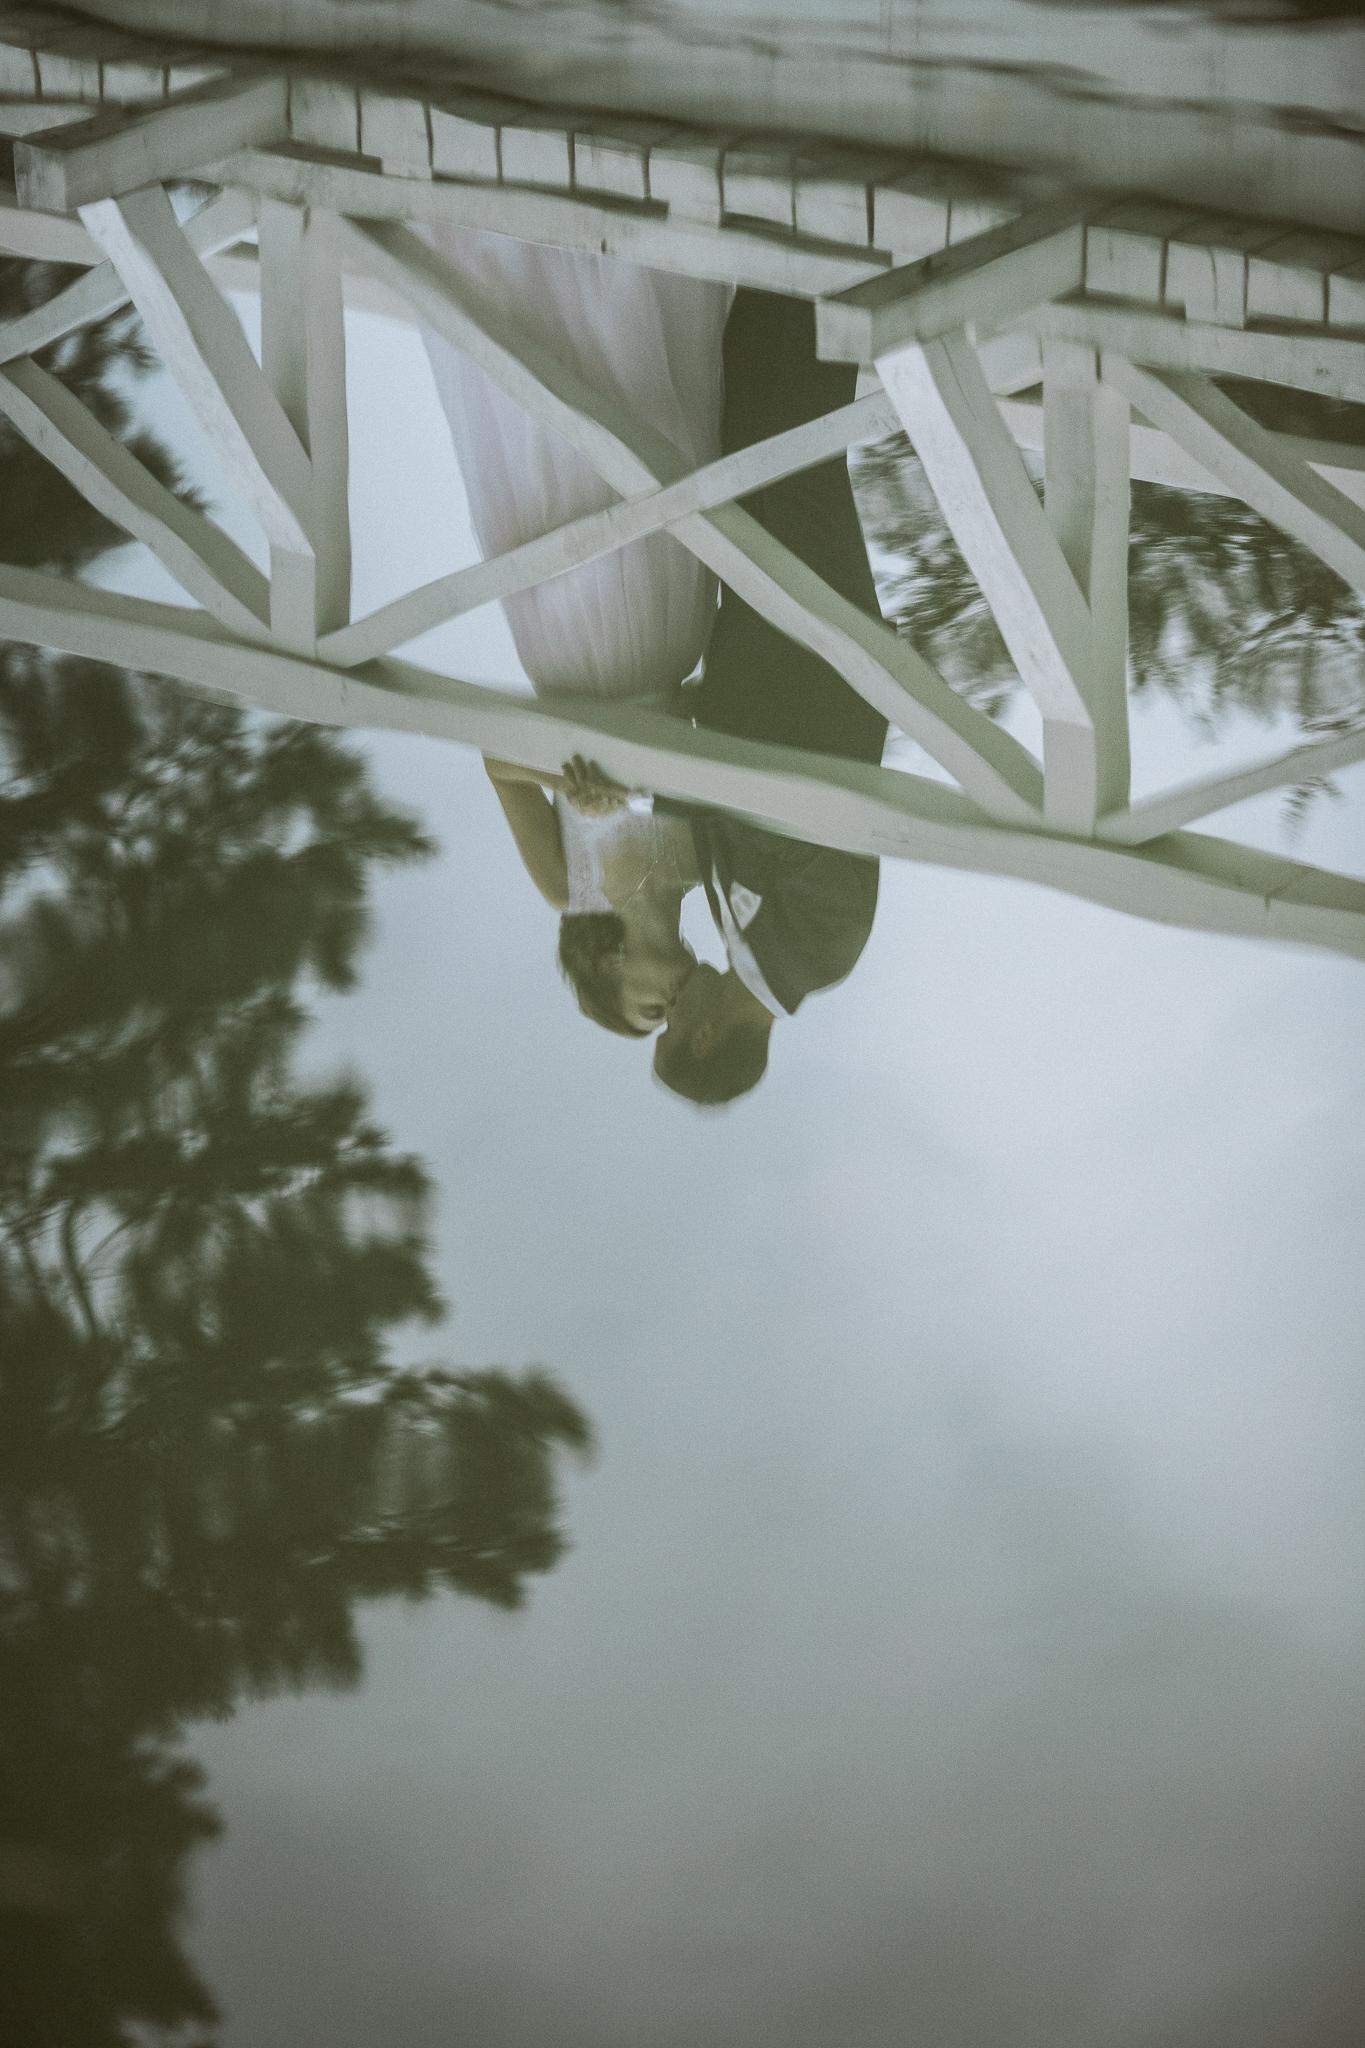 FylepPhoto, esküvőfotós, esküvői fotós Körmend, Szombathely, esküvőfotózás, magyarország, vas megye, prémium, jegyesfotózás, Fülöp Péter, körmend, kreatív, fotográfus_40-2.jpg